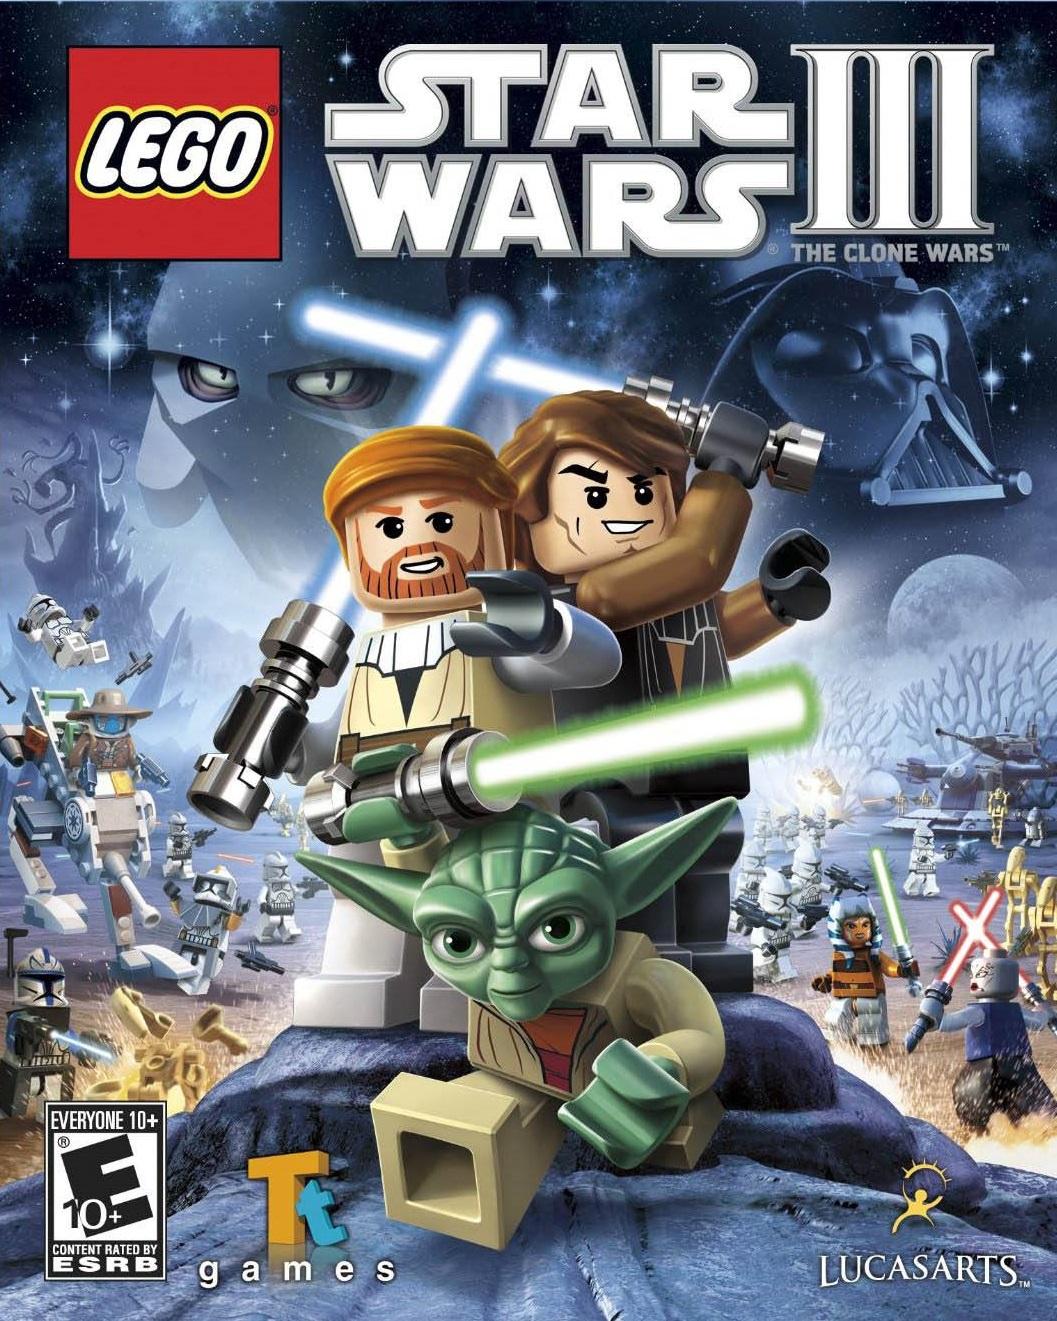 LEGO-STAR-WARS-3